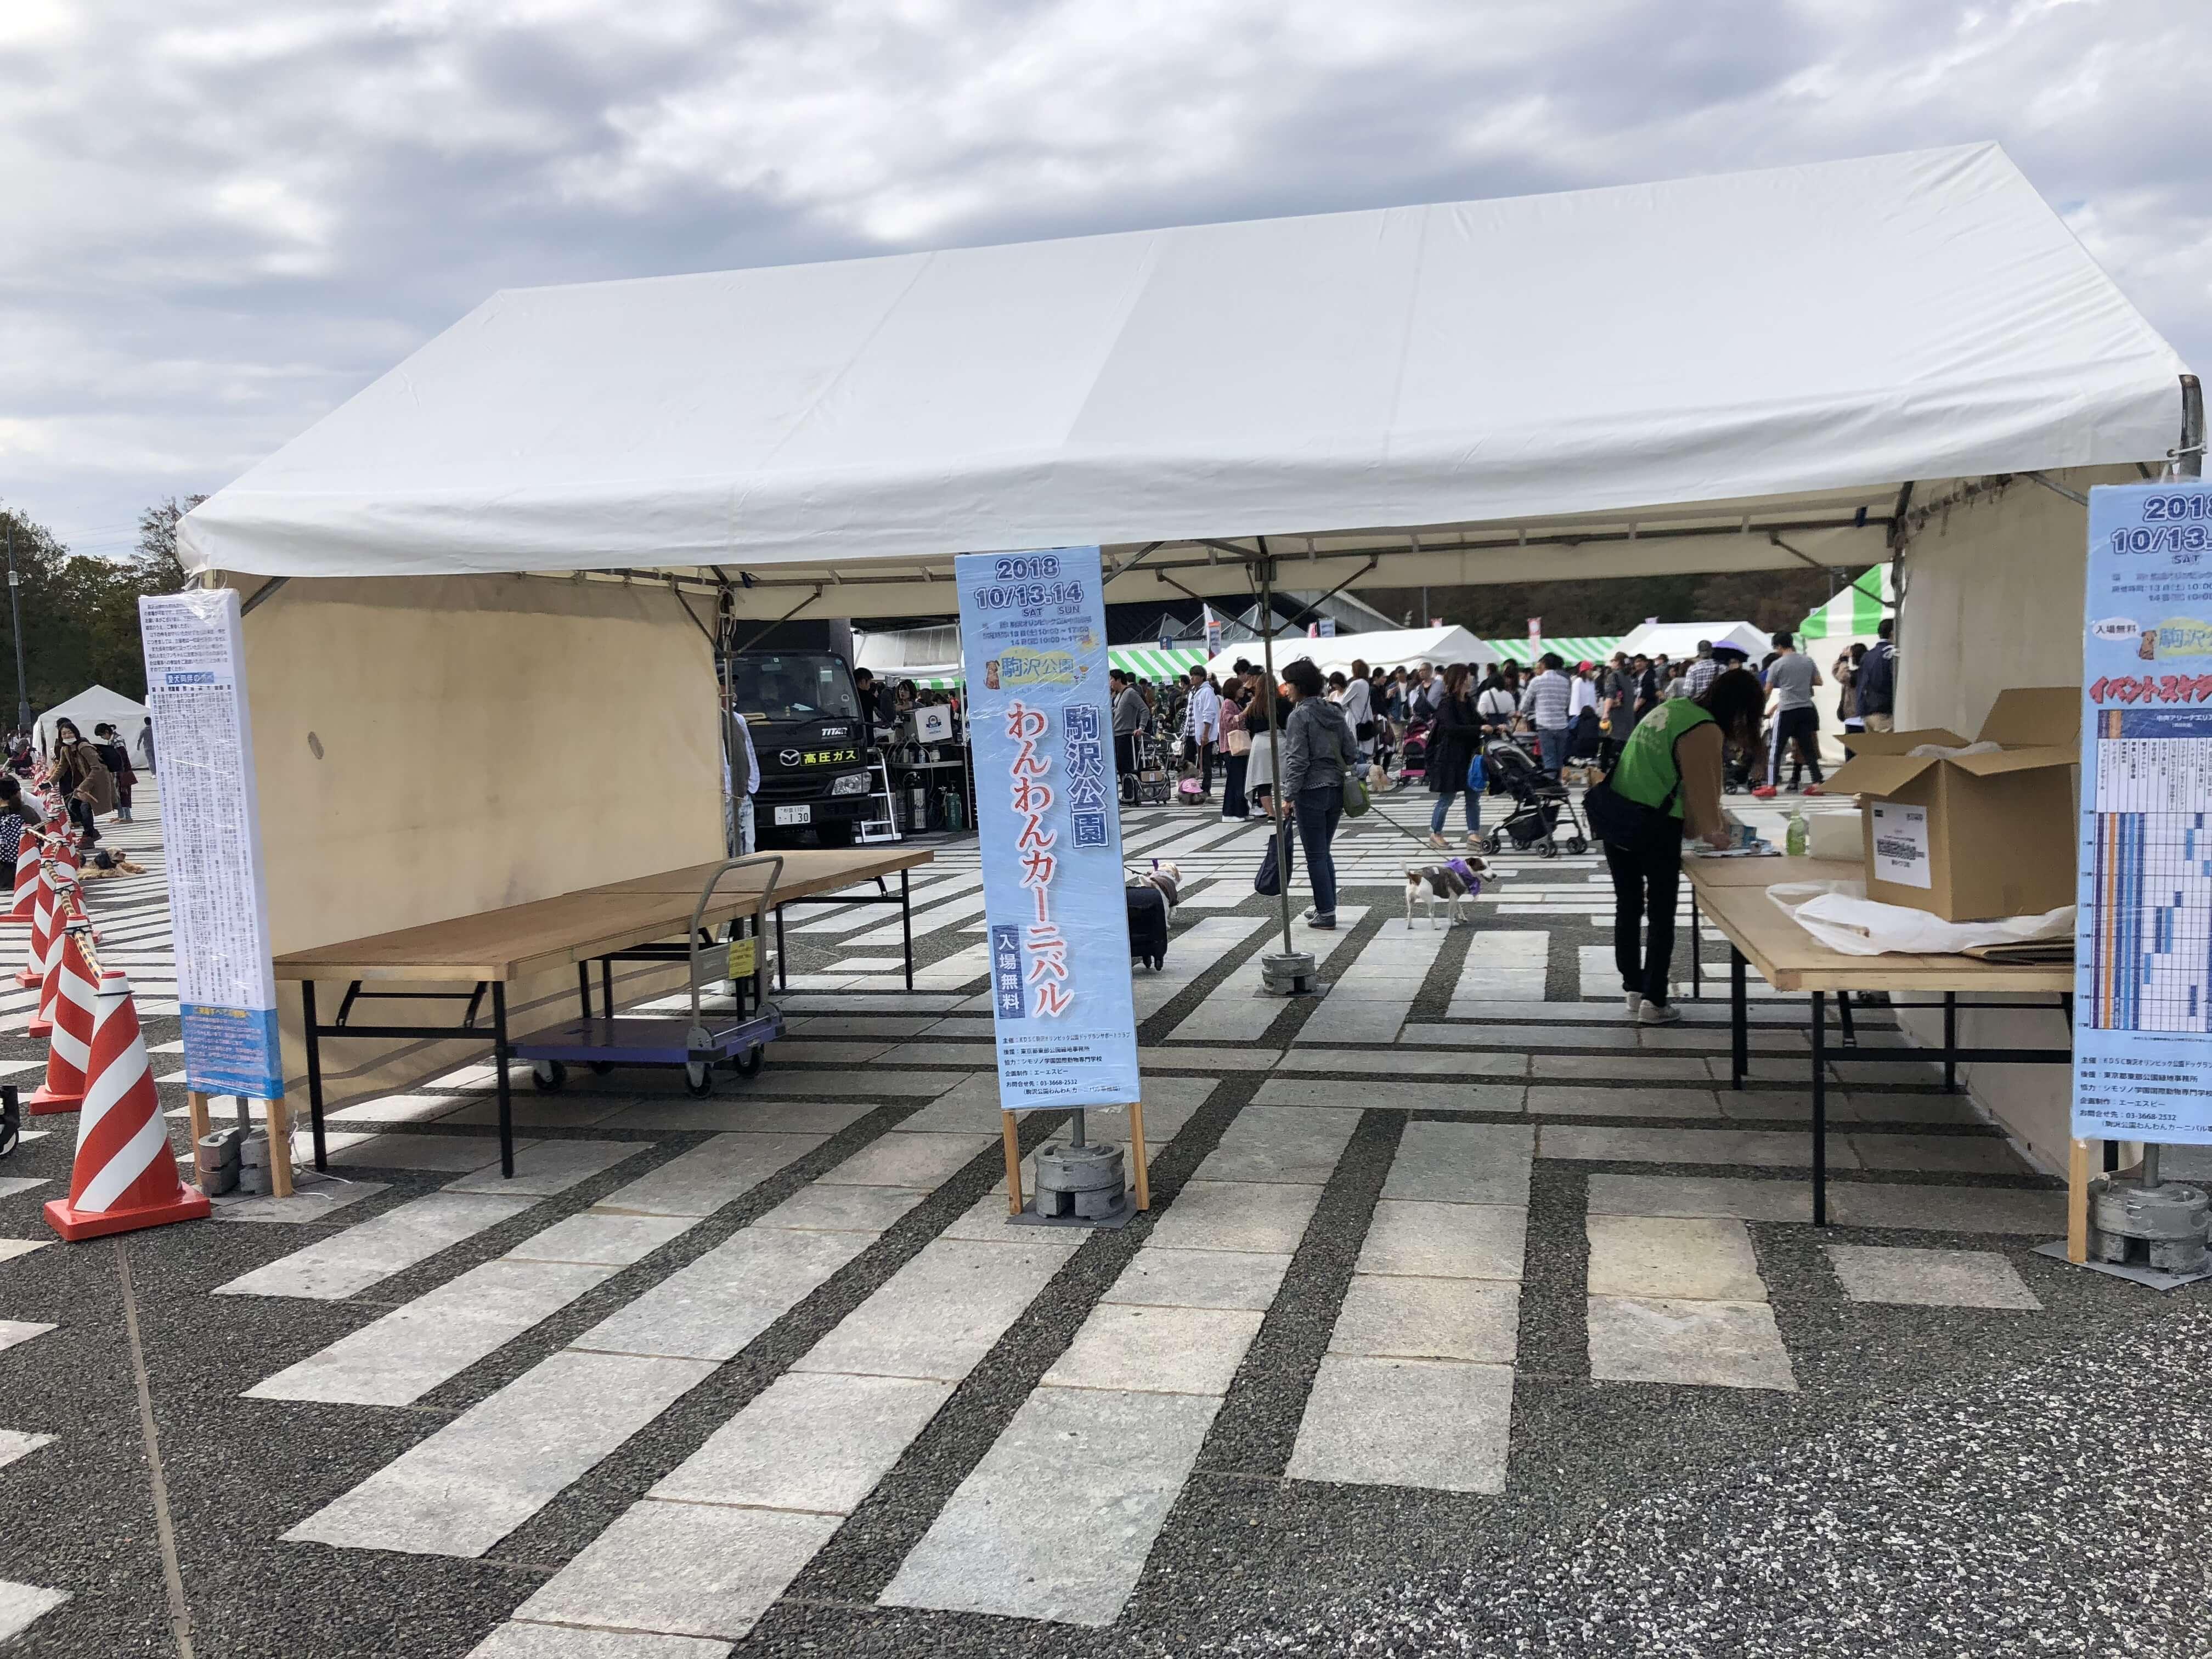 【イベントレポート】駒沢公園わんわんカーニバル2018に行ってきました【前編】